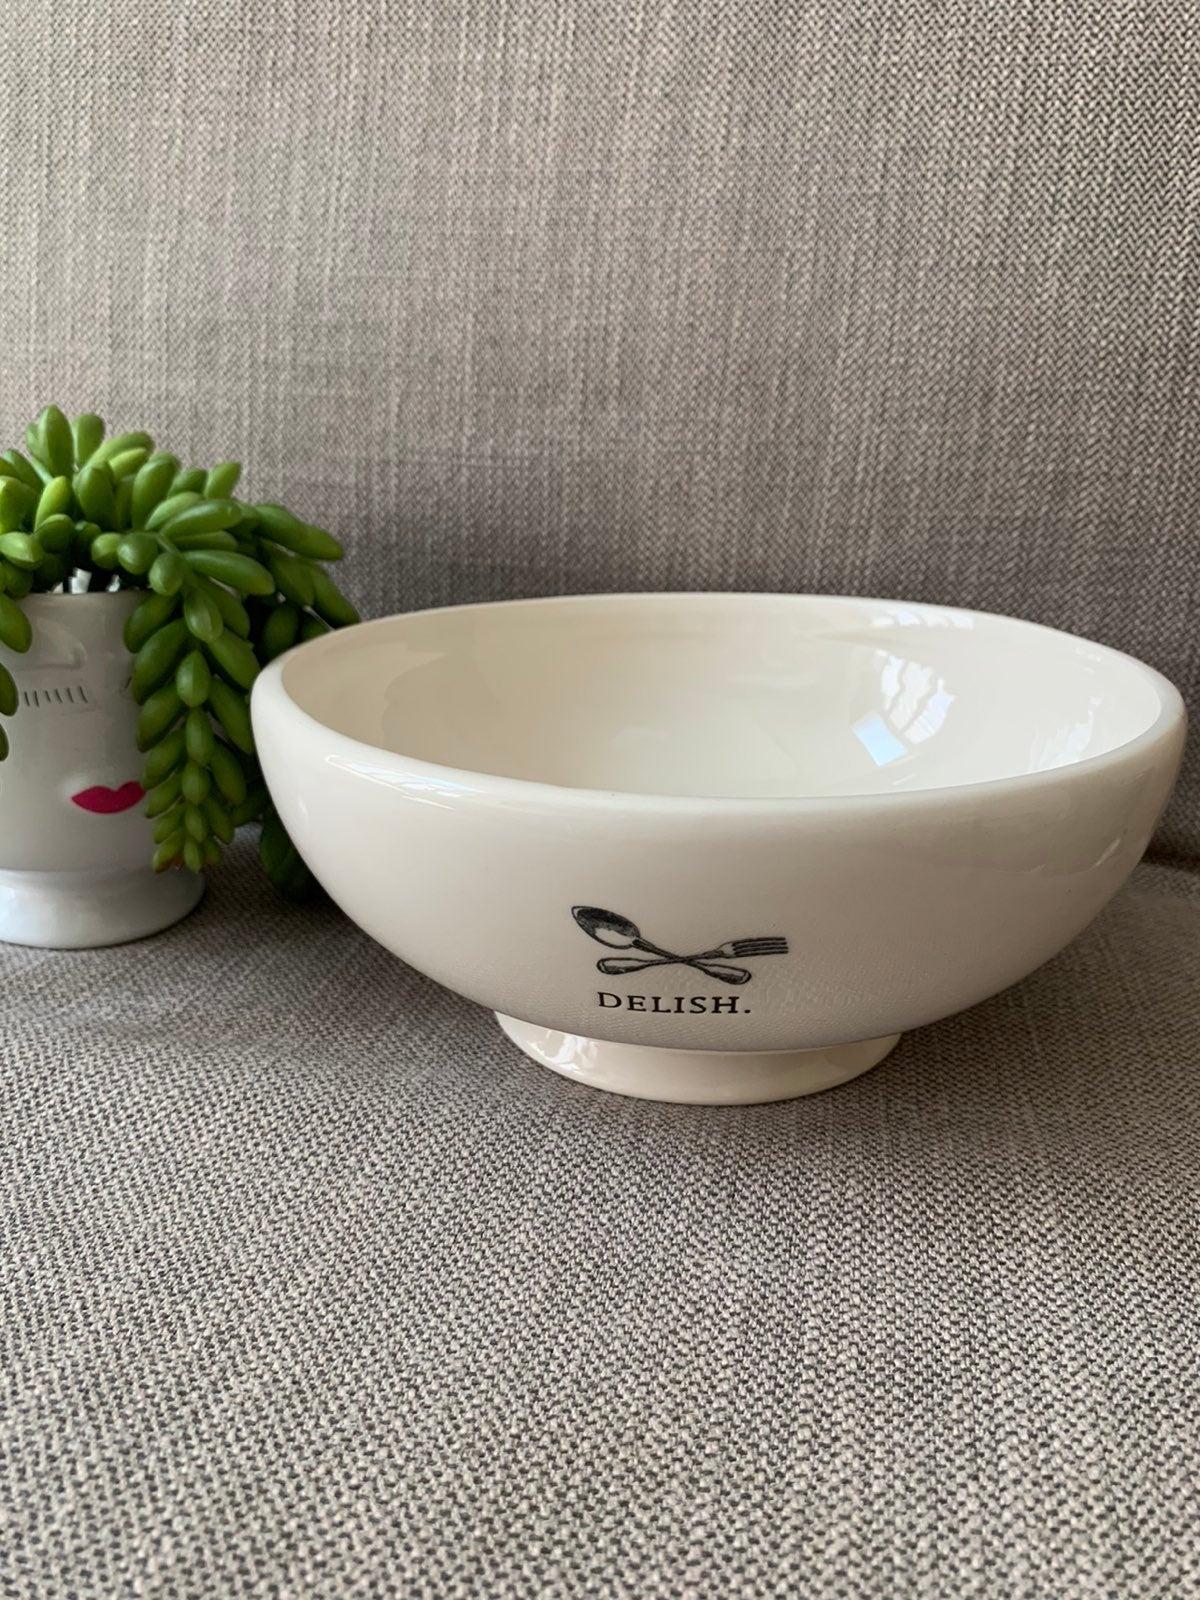 Rae Dunn icon delish salad bowl